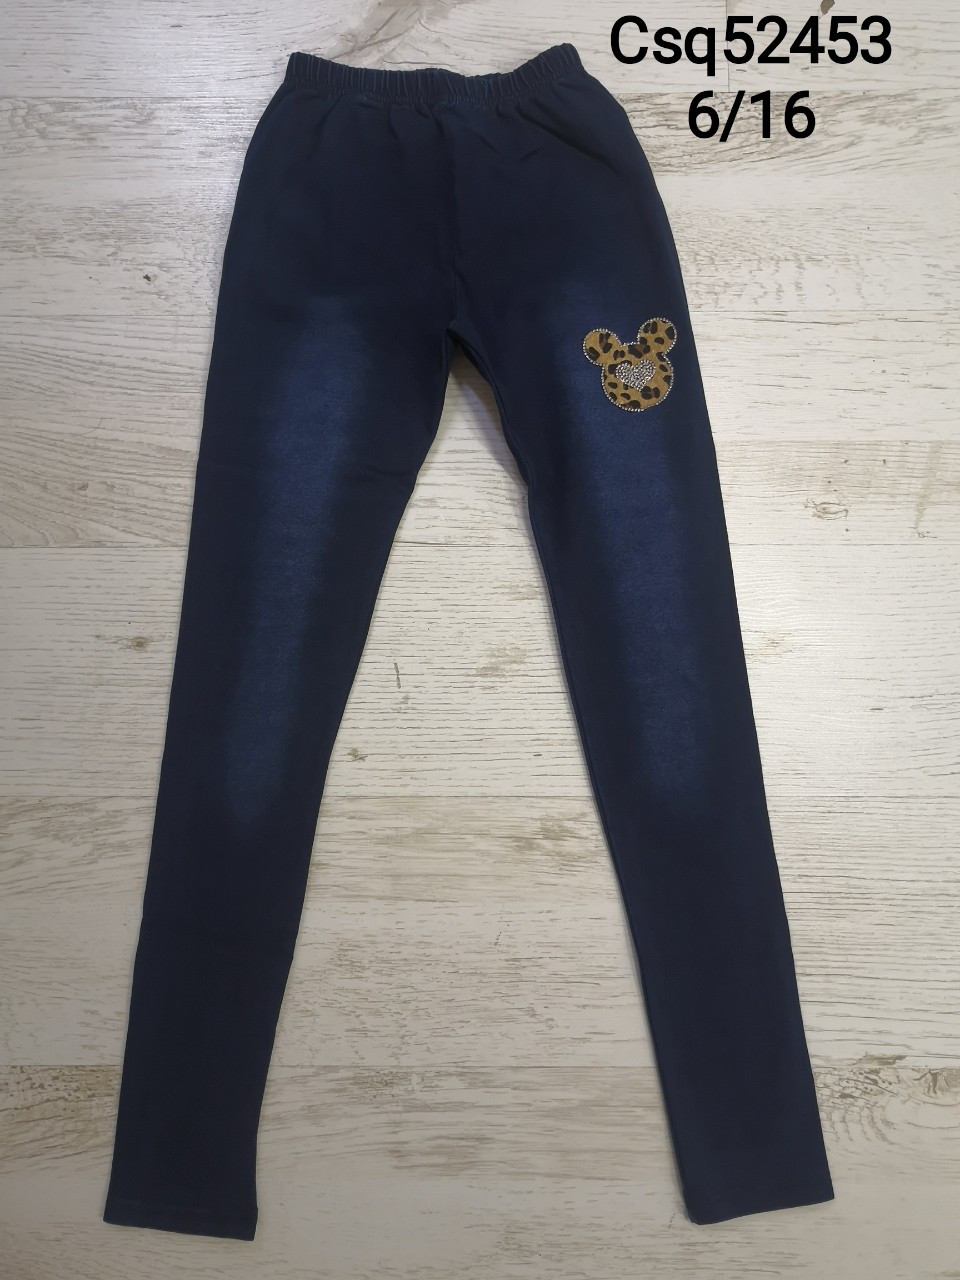 Лосины под джинс для девочек оптом, Seagull, 6-16 лет, арт. CSQ-52453